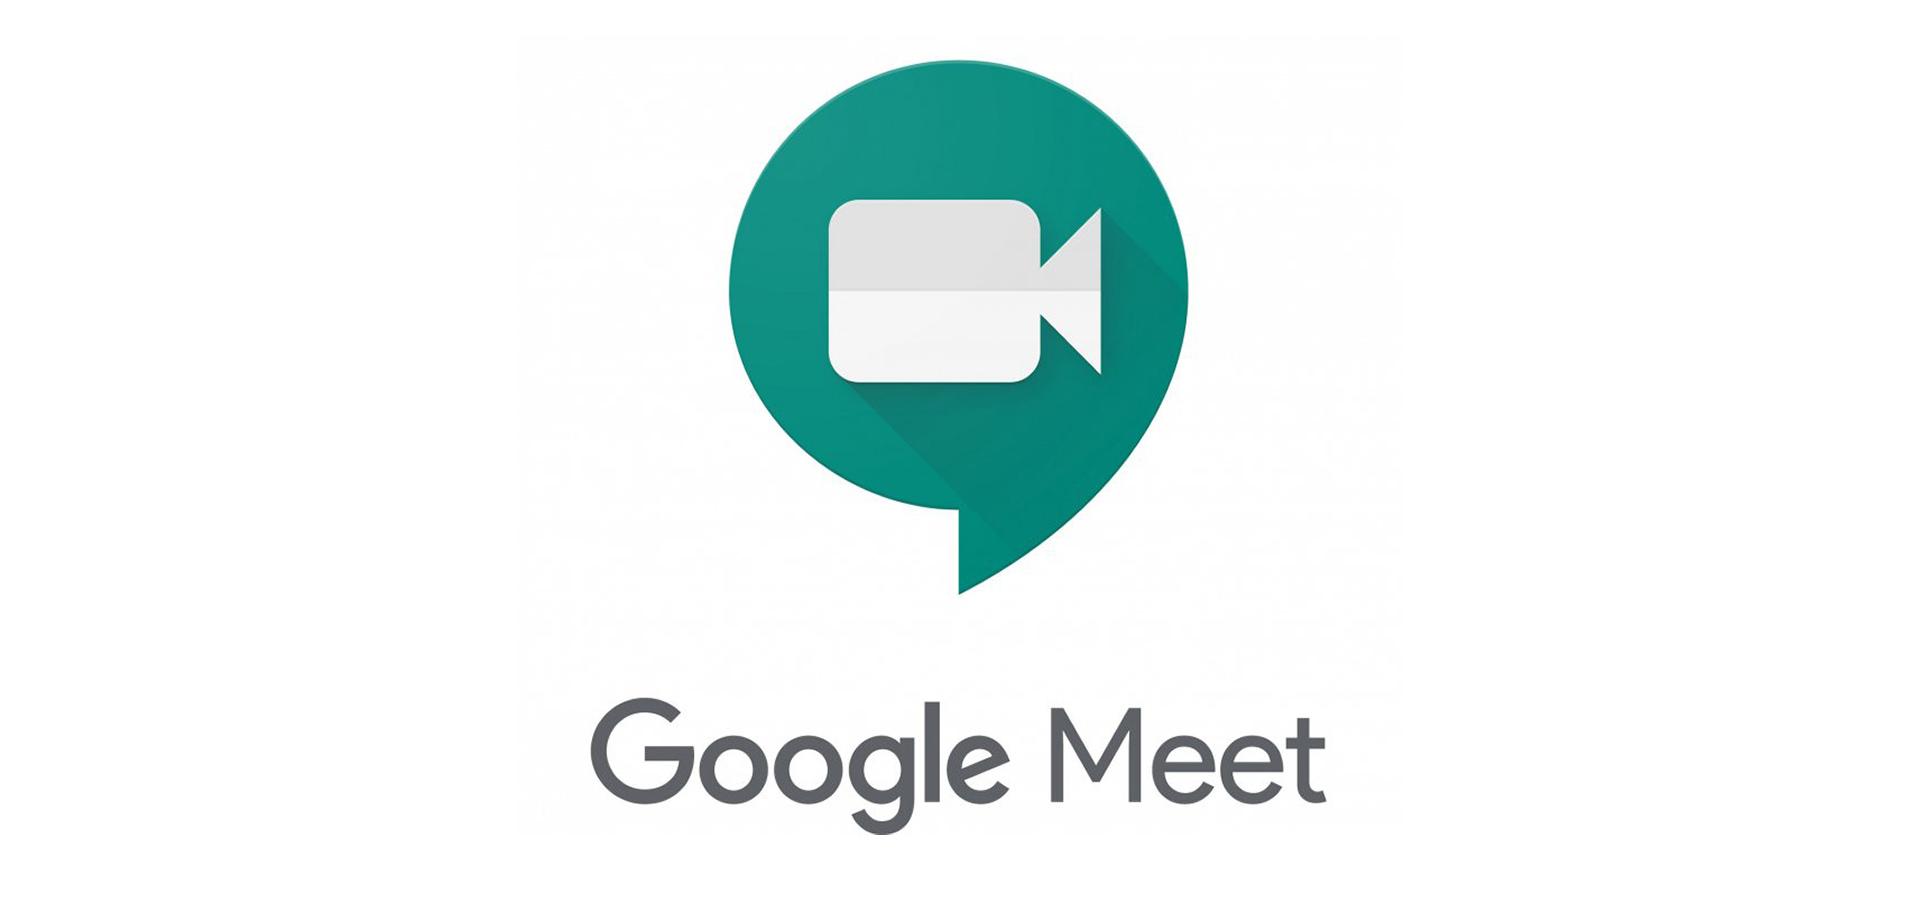 Start a Google Meet video meeting